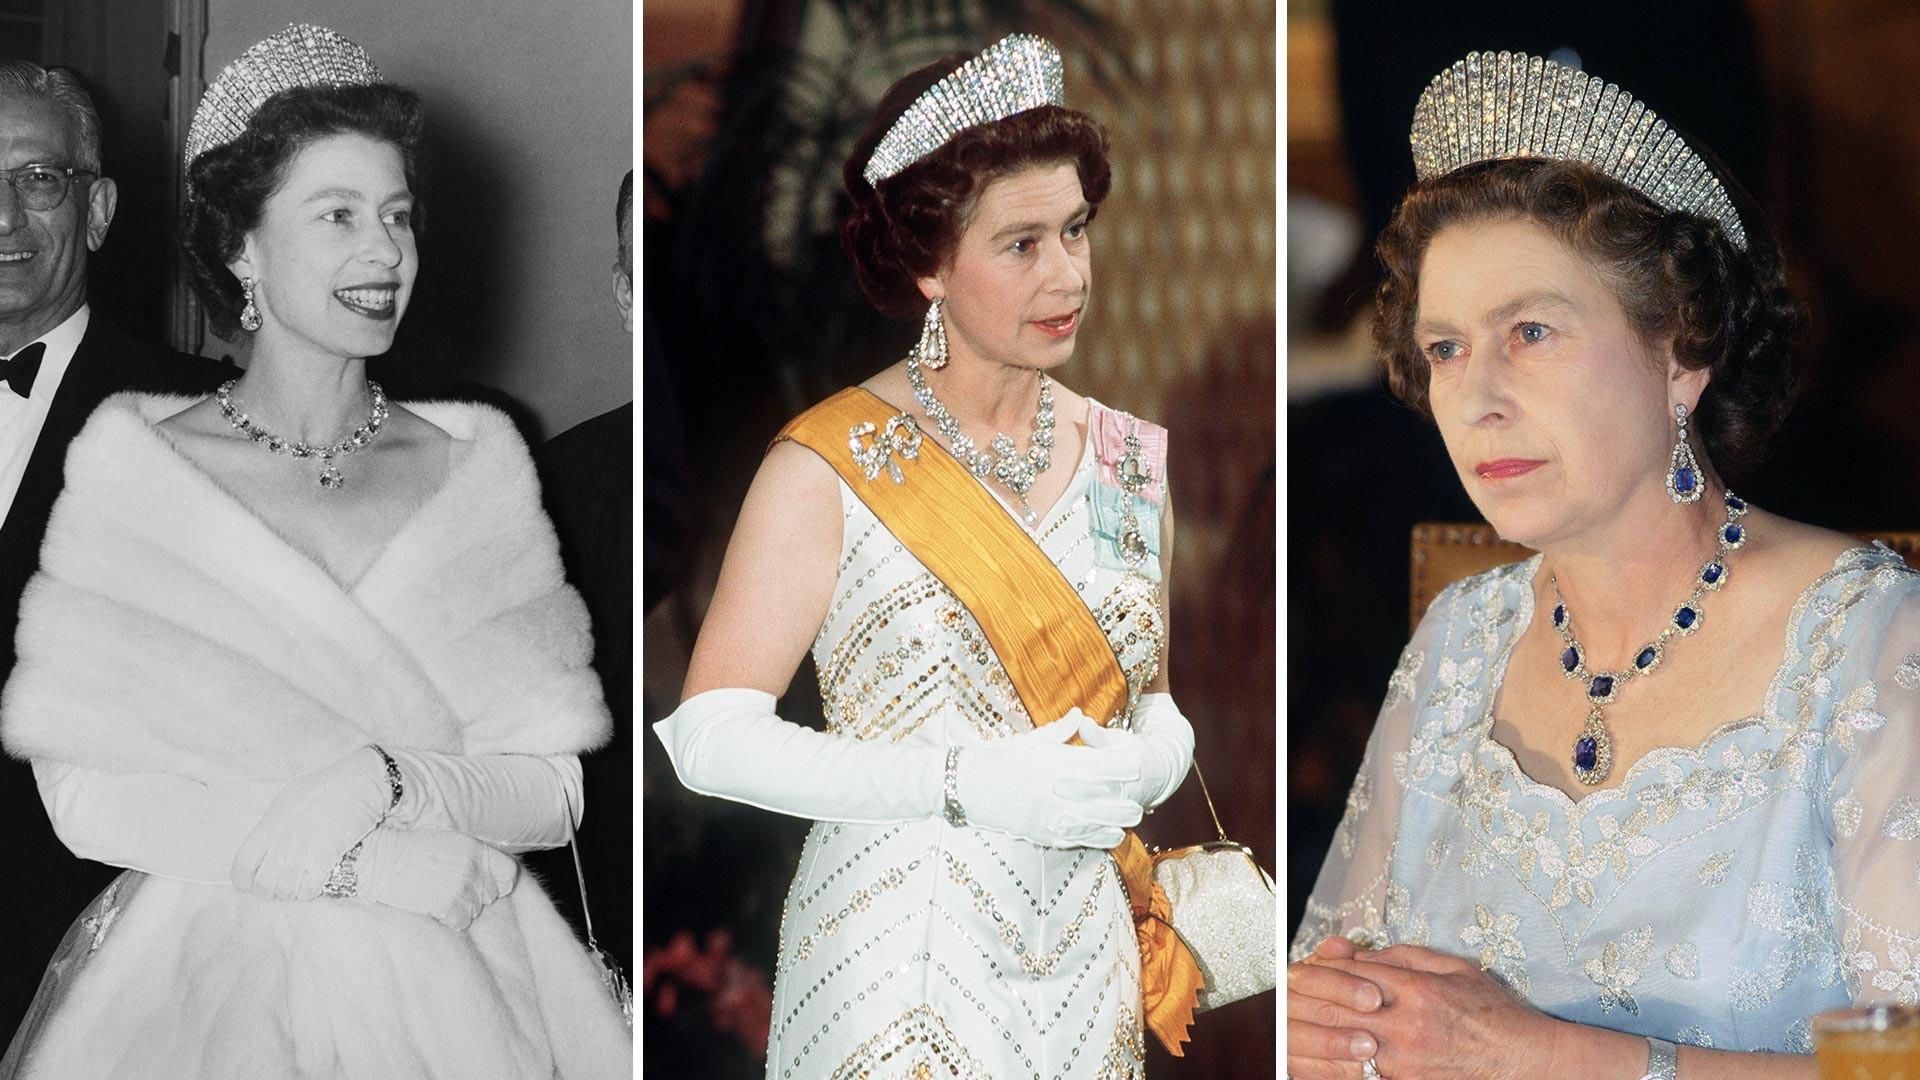 Dari kiri ke kanan: Ratu Elizabeth II tiba pada perjamuan makan siang bersama Gubernur Peshawar selama kunjungan persemakmuran ke Pakistan, 4 Februari 1961; Ratu Elizabeth II mengenakan simbol lengkap kerajaan pada 1975; Ratu Elizabeth II menghadiri perjamuan di India pada 1983.